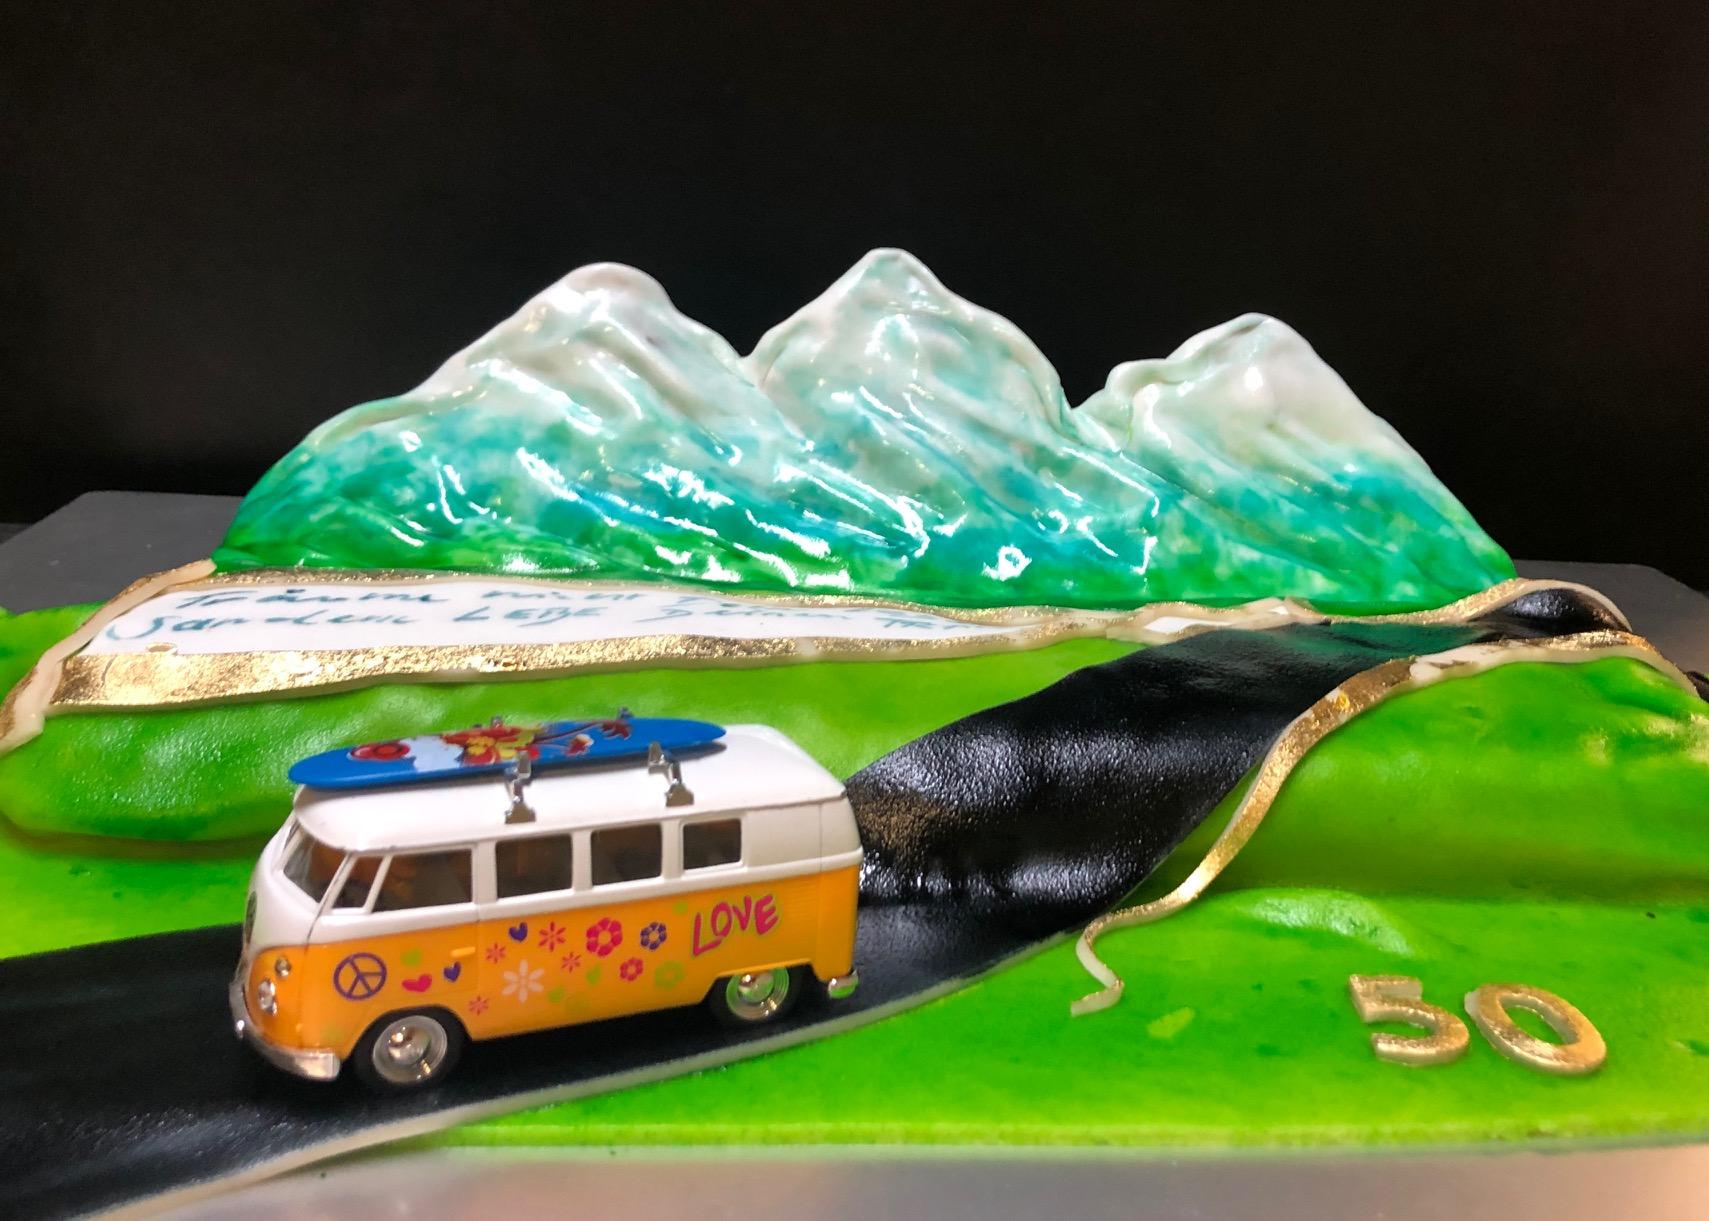 Bergtorte mit Bus